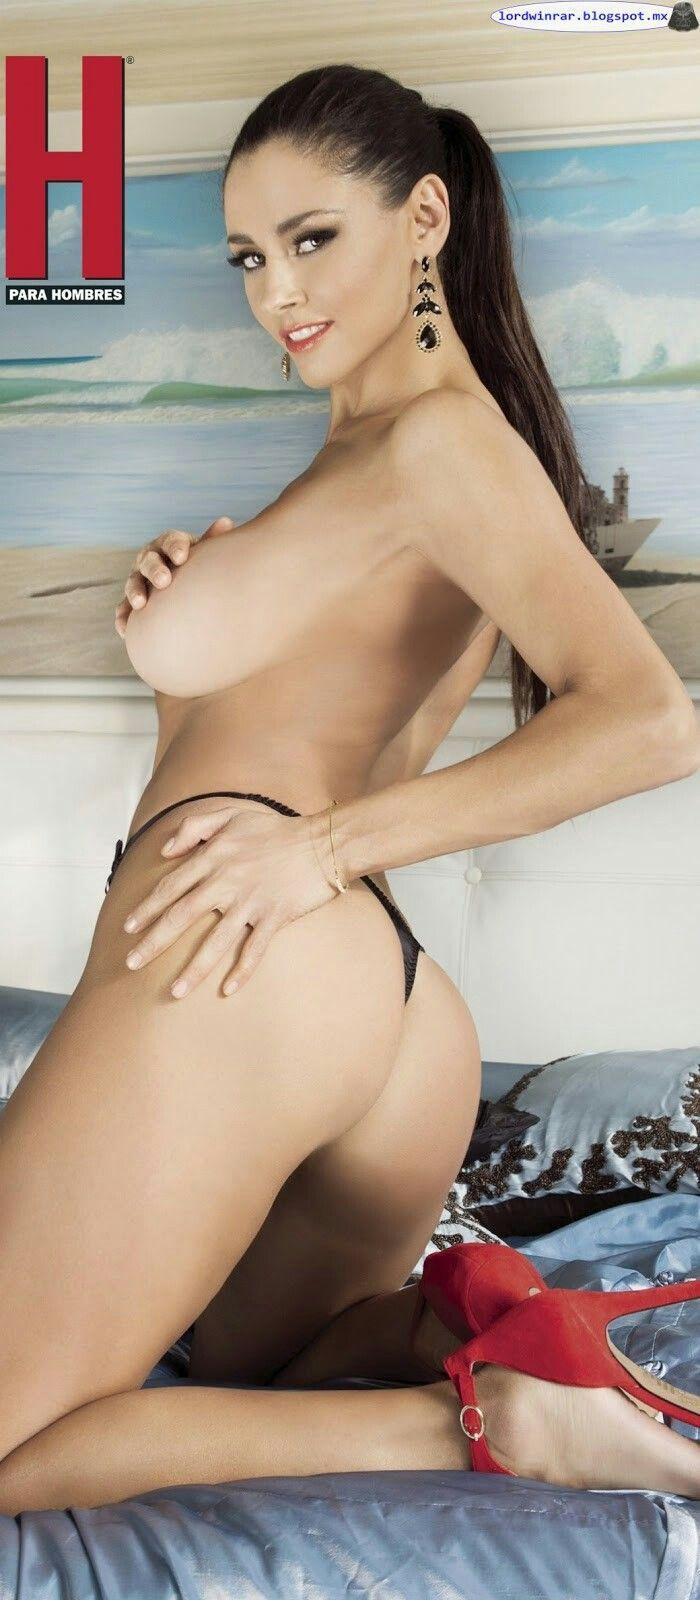 Analia Desnuda pin en dorismar